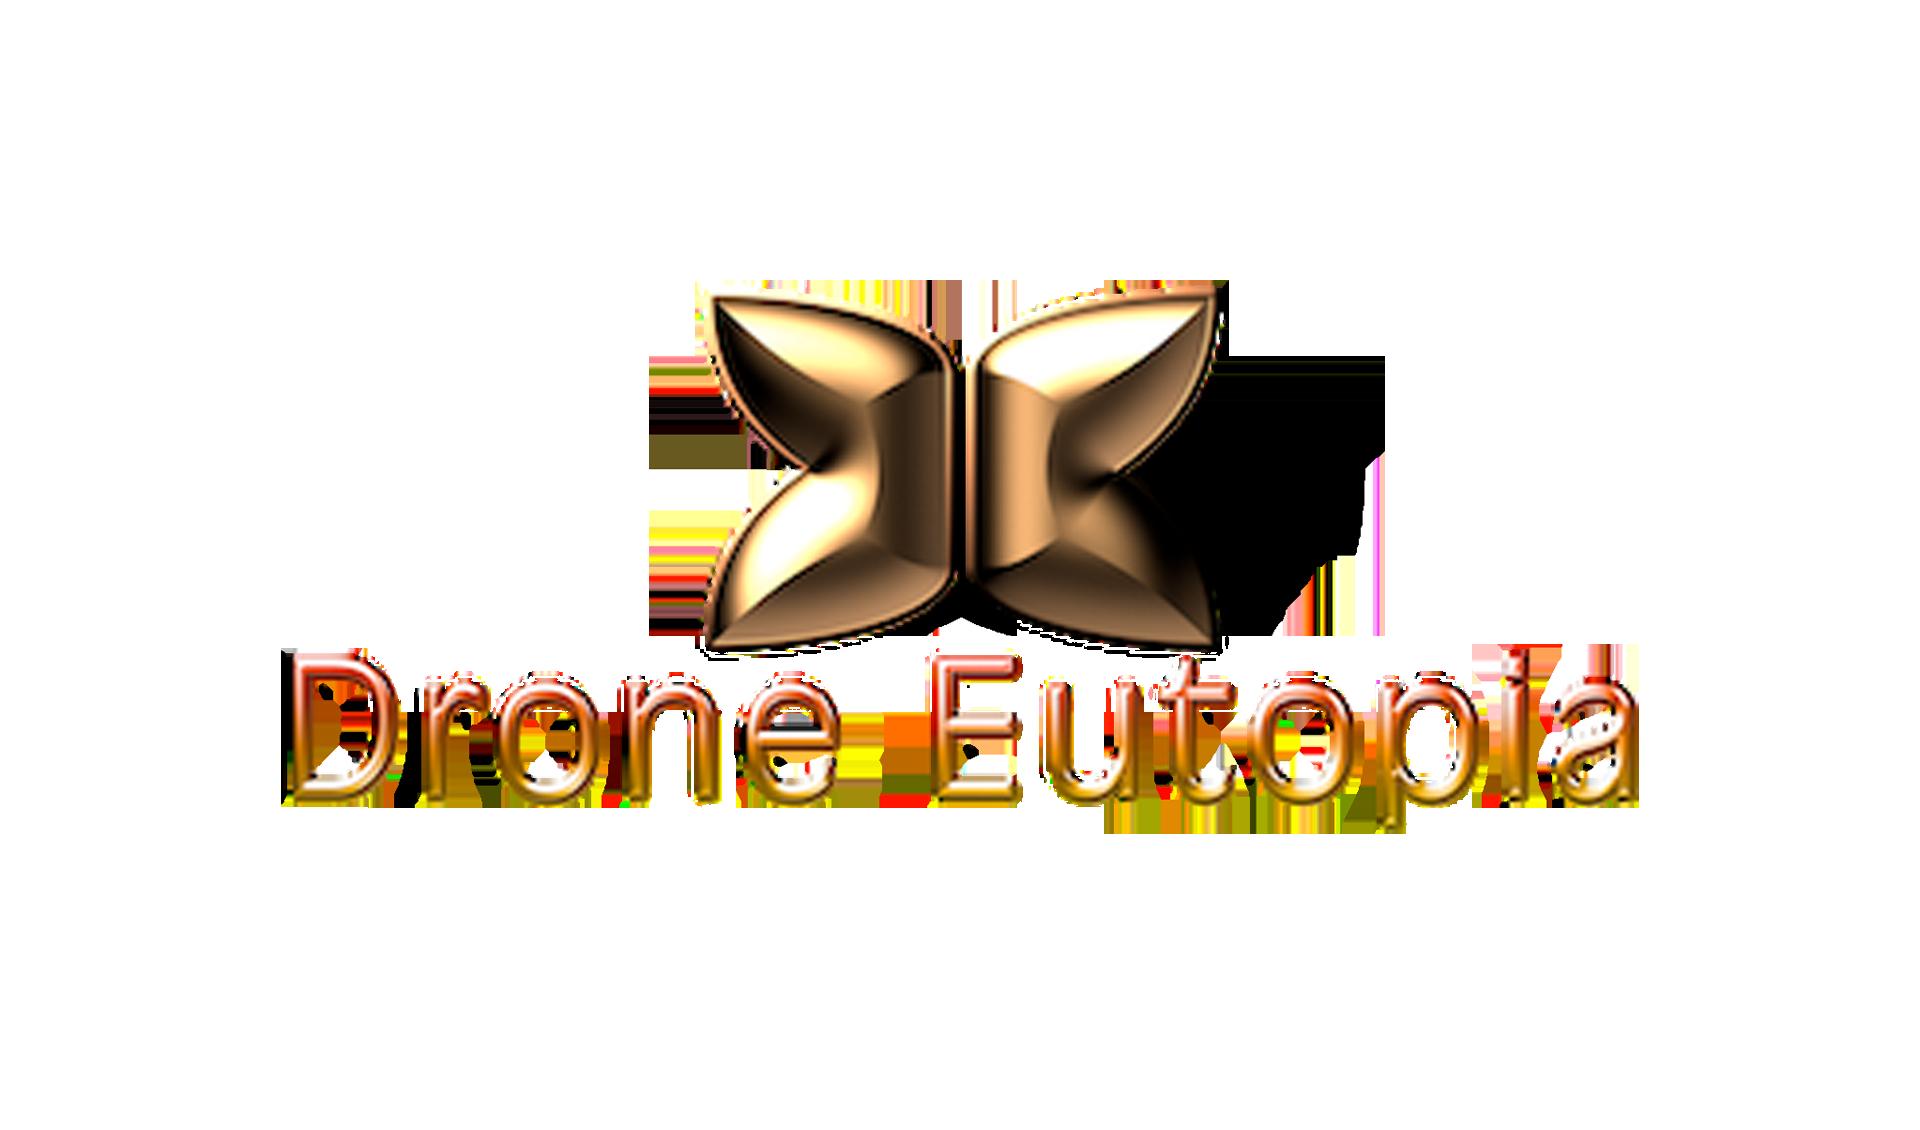 DroneEutopiaLogoTransparent1920